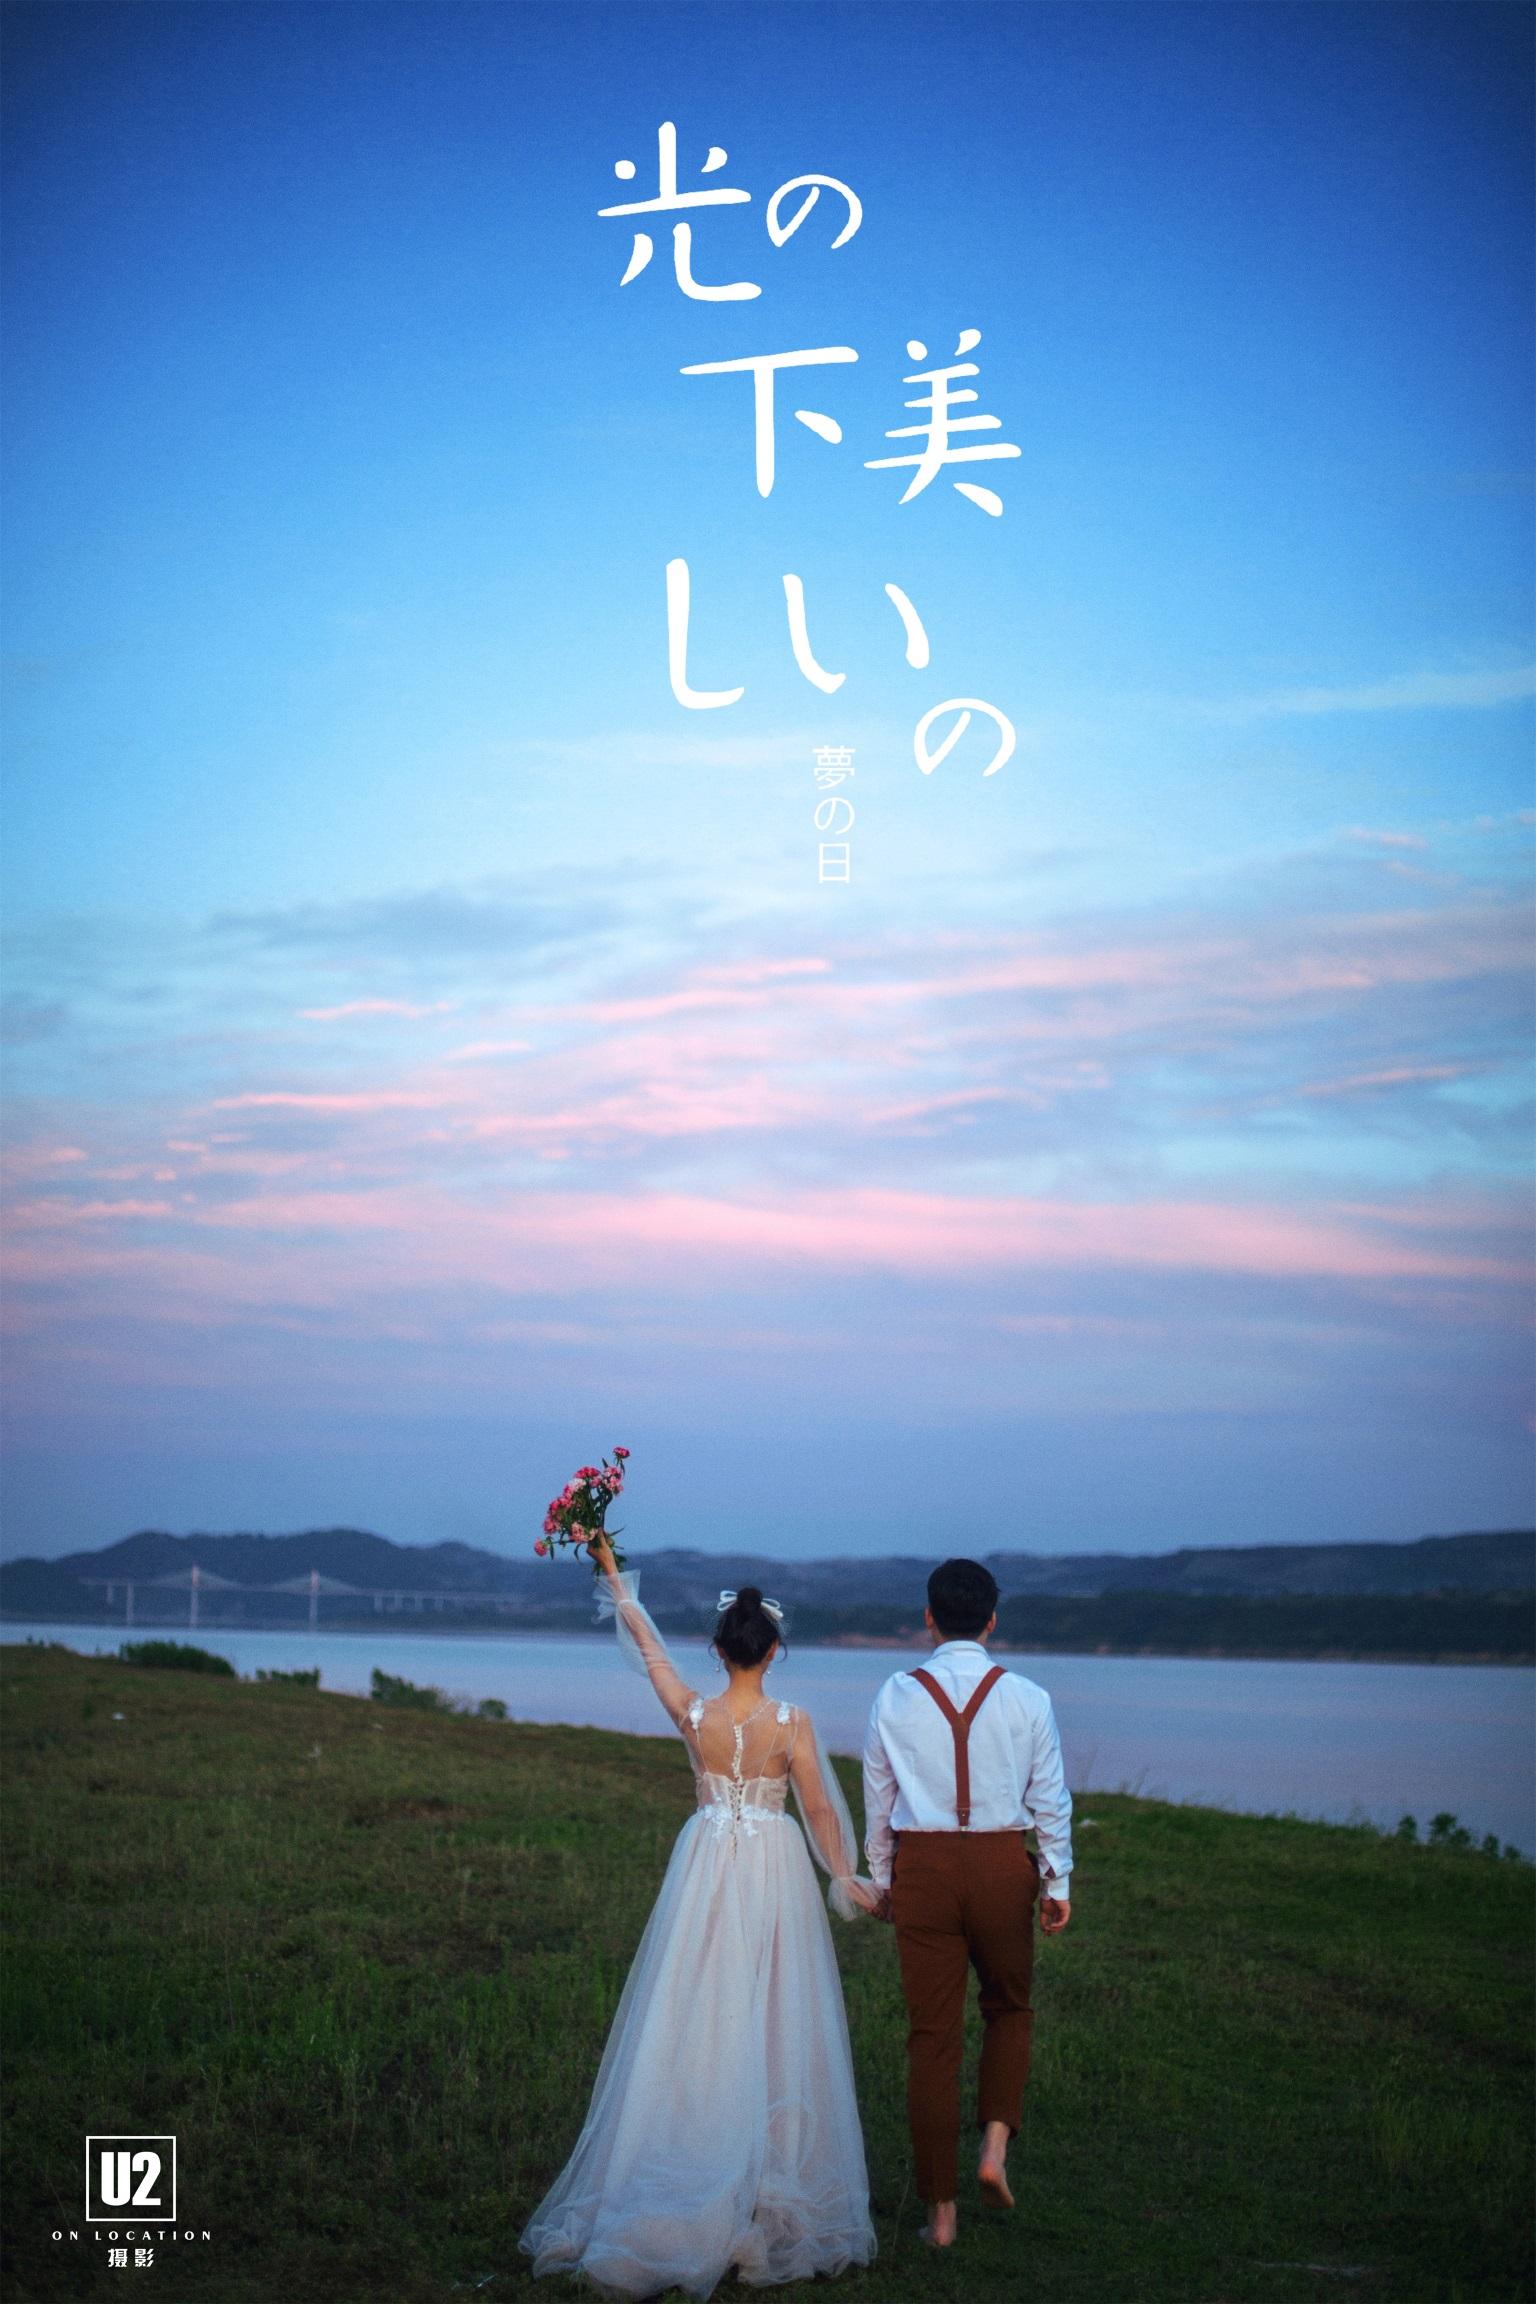 最新作品欣赏 张先生&鲍女士